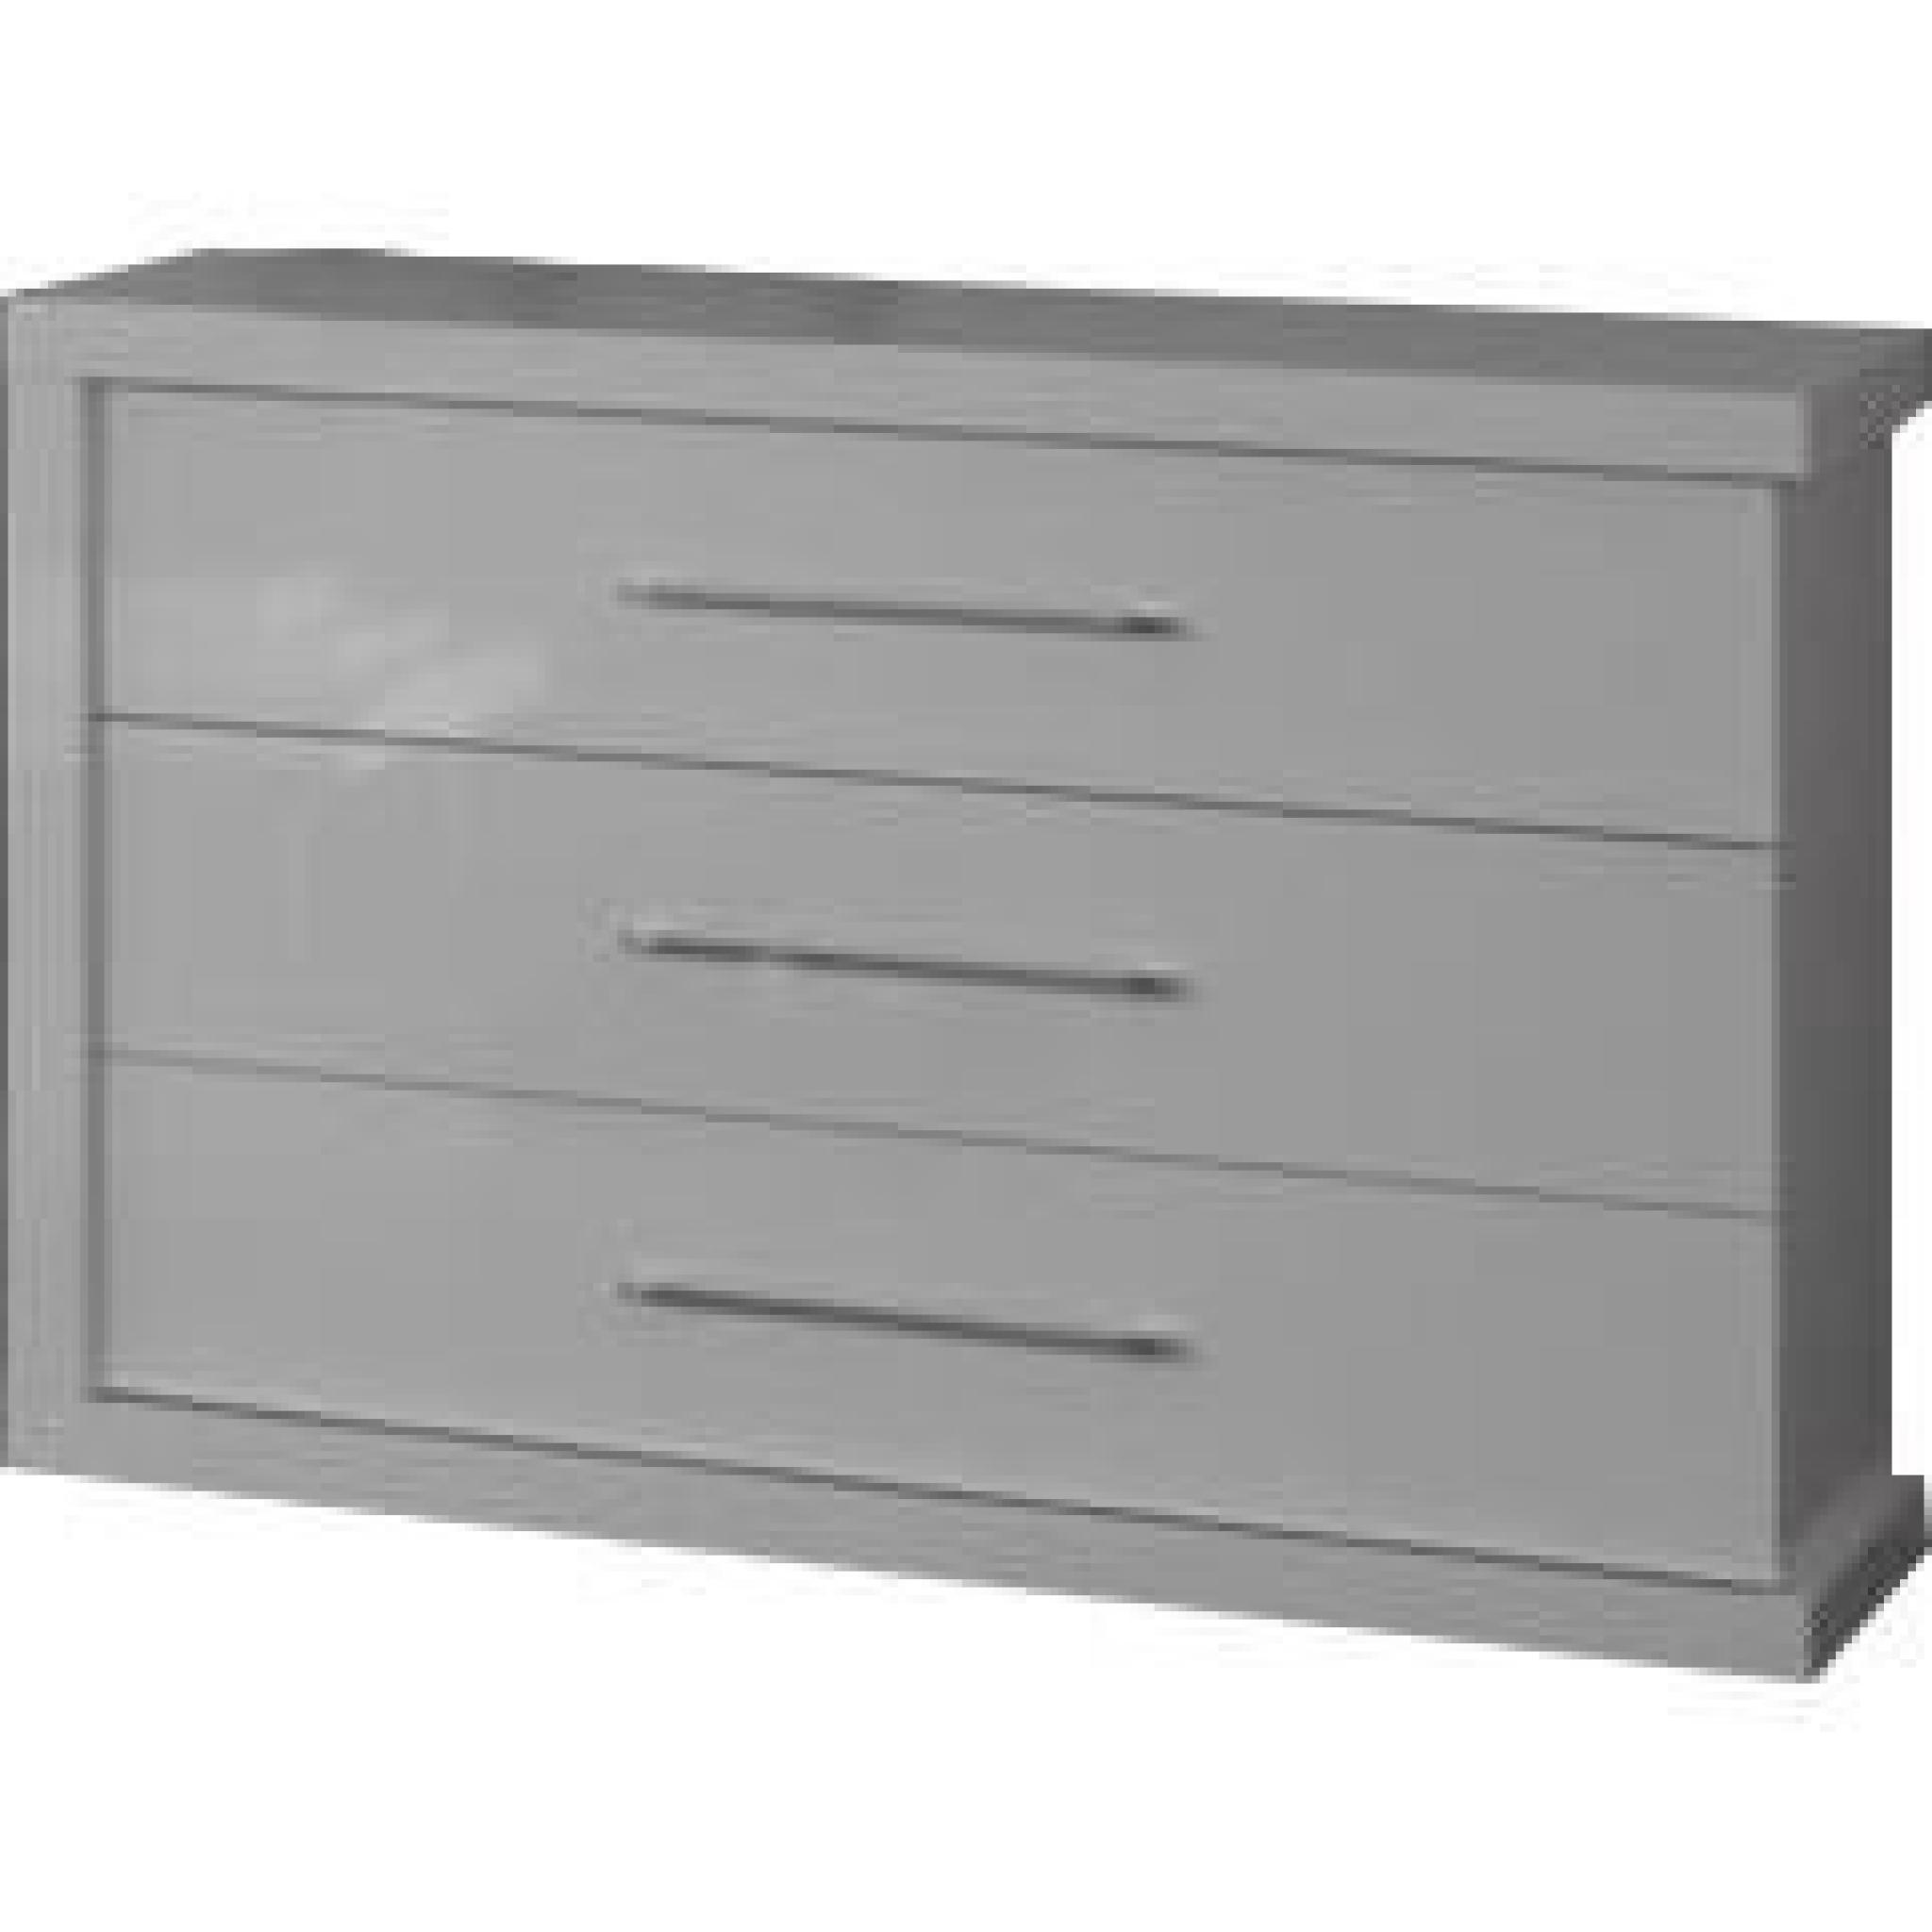 commode 3 tiroirs design coloris blanc laqu achat vente commode pas cher couleur et